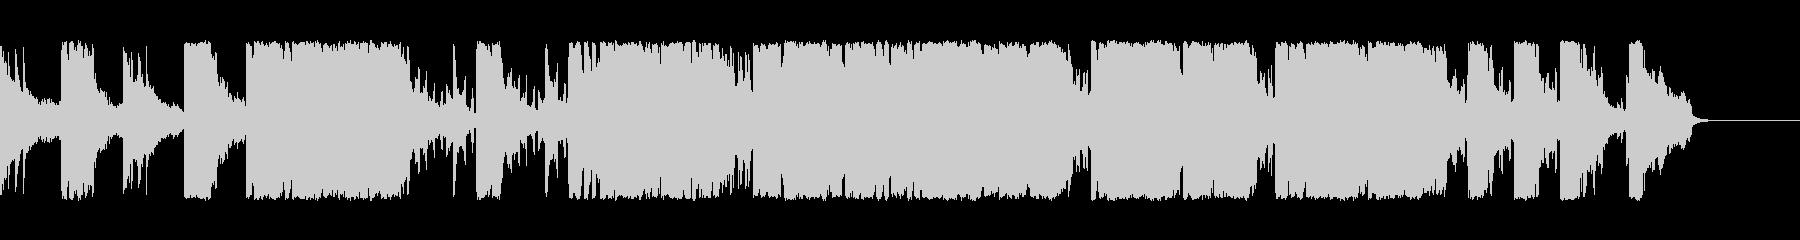 実験的な ドラマチック 暗い ホラ...の未再生の波形